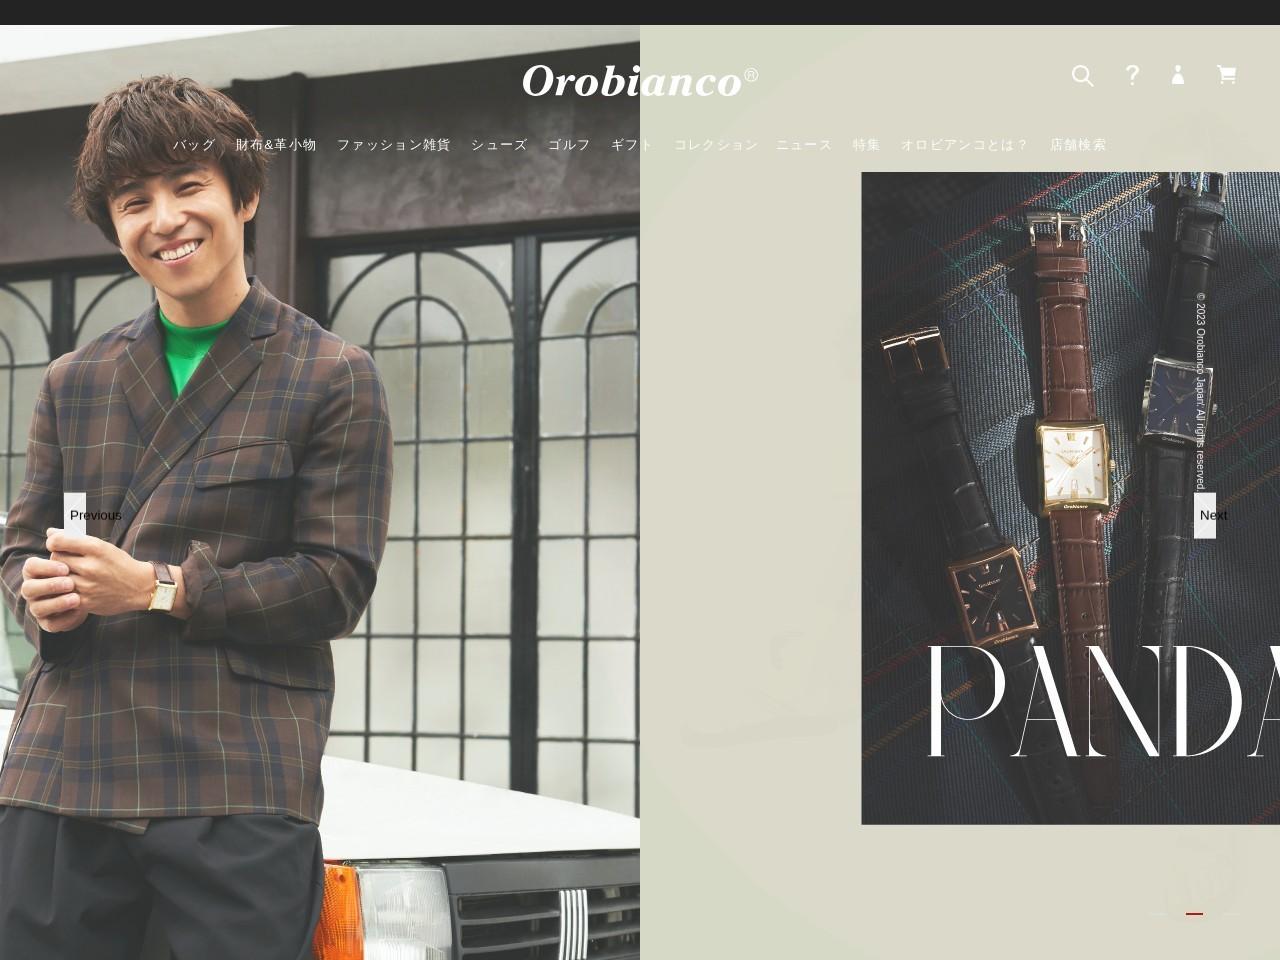 オロビアンコ(Orobianco) 公式サイト